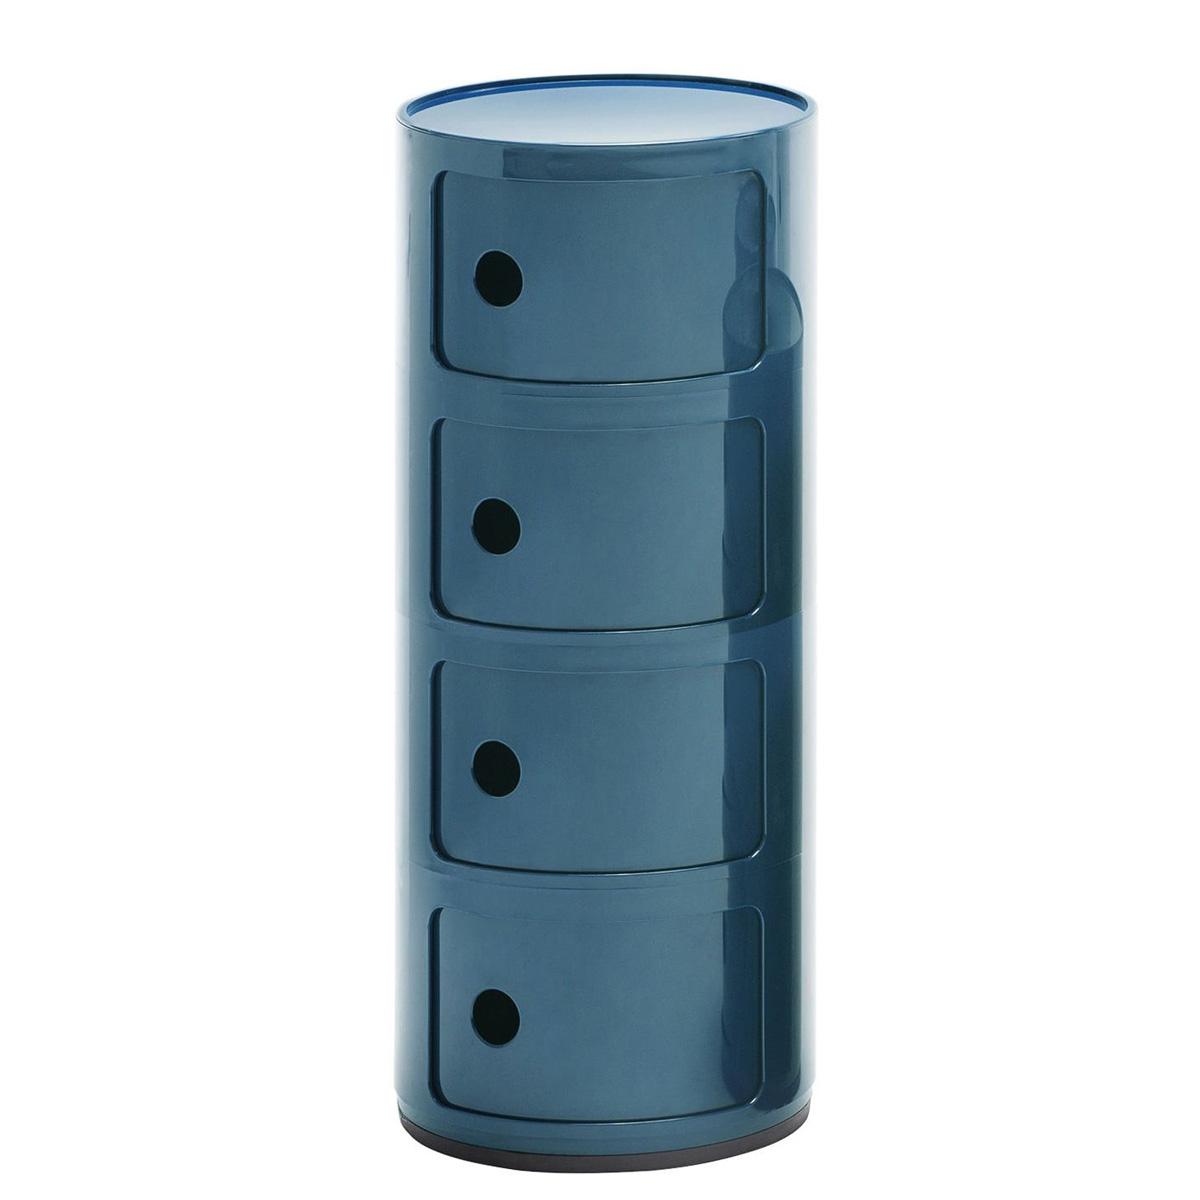 Polica Componibili/4 plava 4985/15